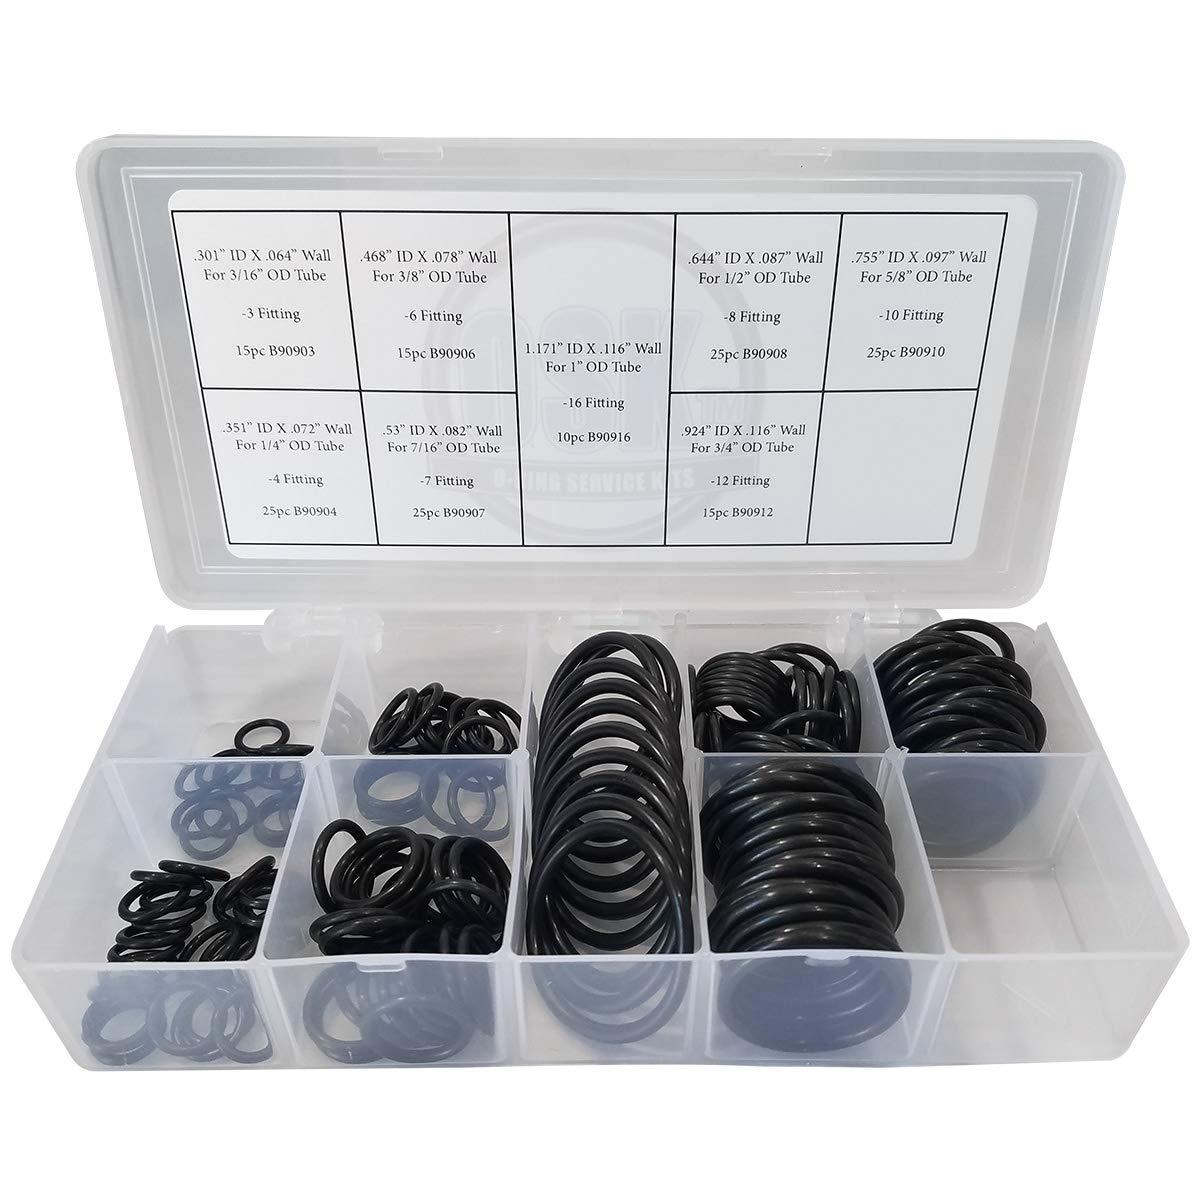 Boss O-ring Kit - SAE 900-155 Piece Buna-N 90